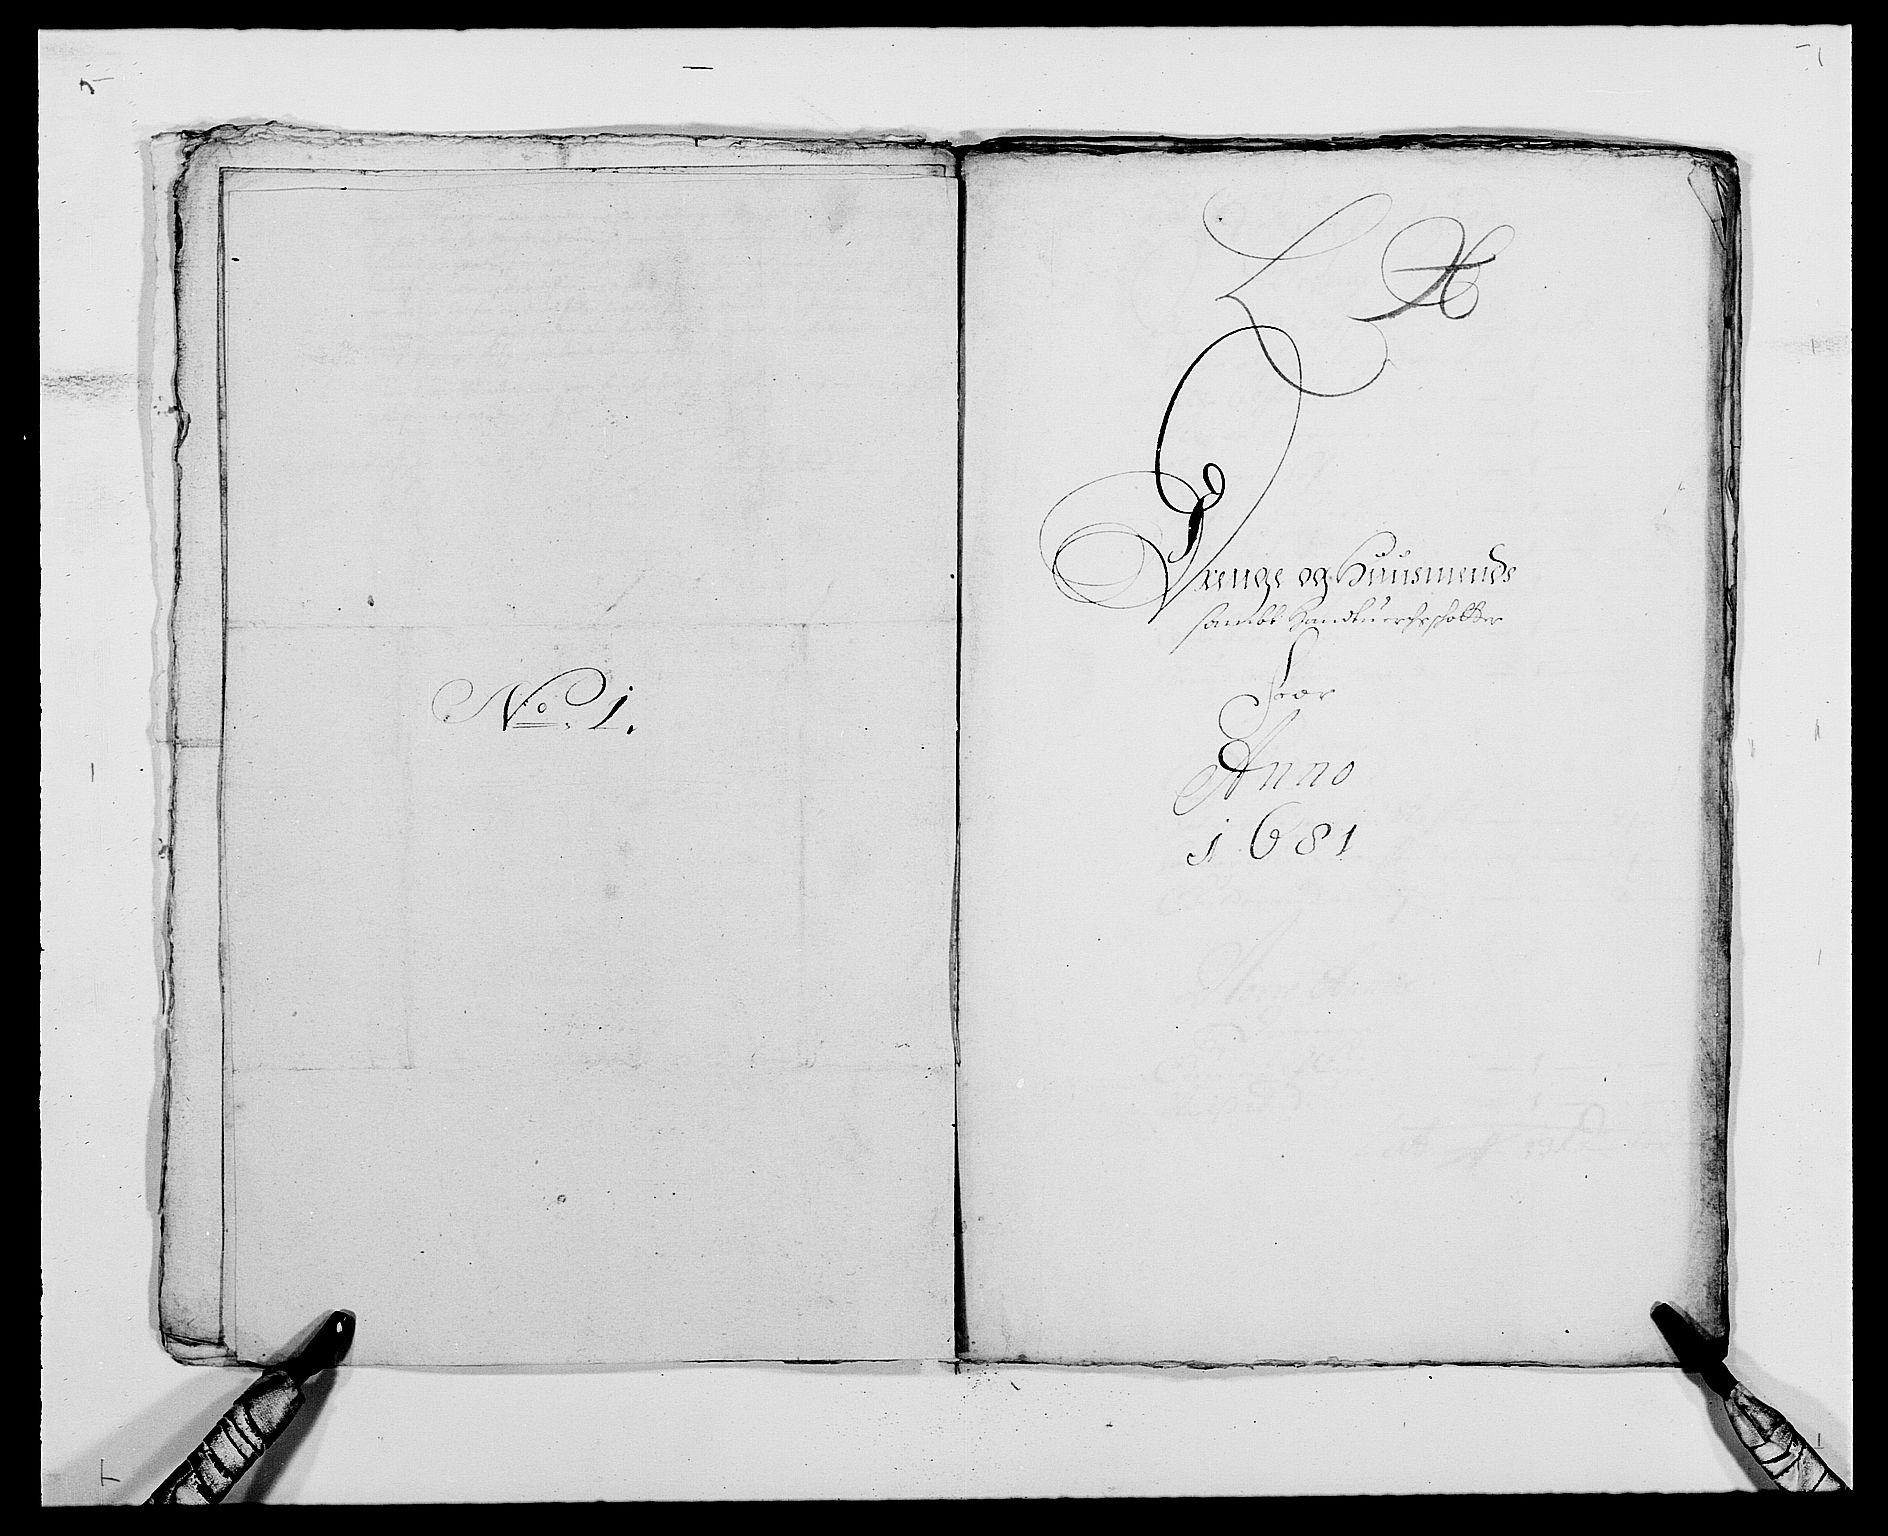 RA, Rentekammeret inntil 1814, Reviderte regnskaper, Fogderegnskap, R24/L1569: Fogderegnskap Numedal og Sandsvær, 1679-1686, s. 373